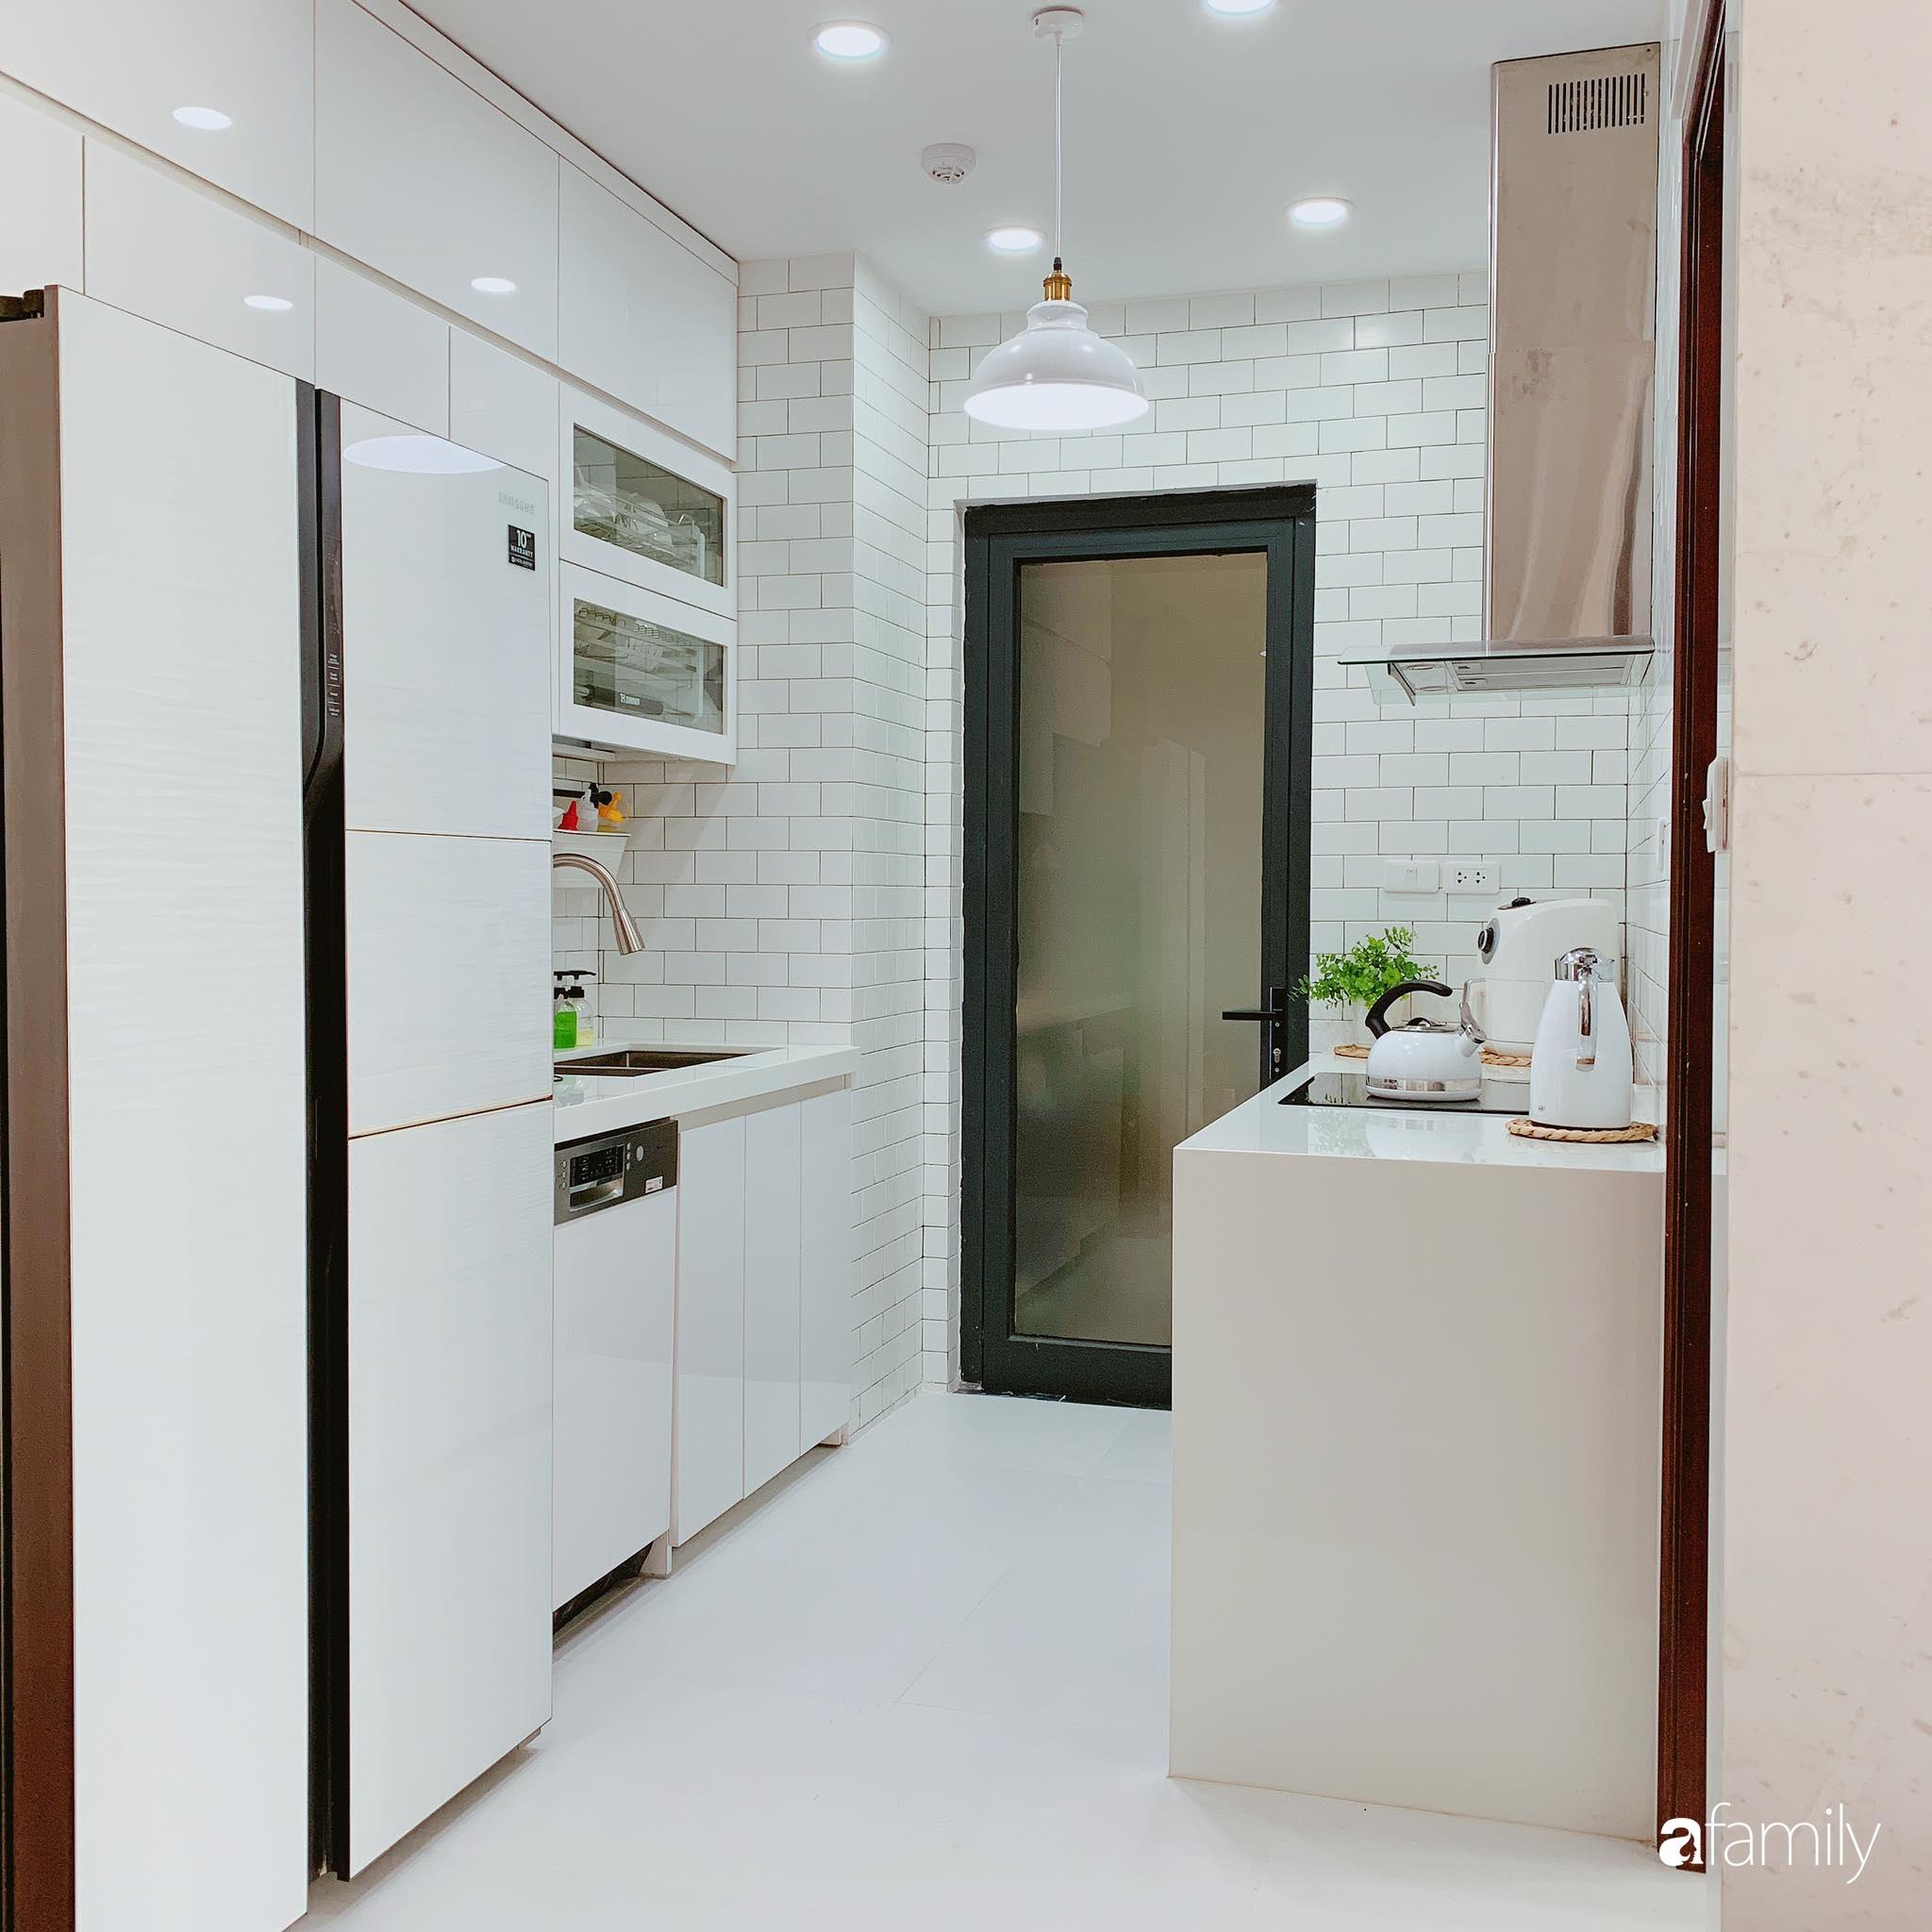 Căn hộ 90m² như được nhân đôi không gian nhờ cách decor khéo léo với màu trắng - ghi ở Hà Nội - Ảnh 9.